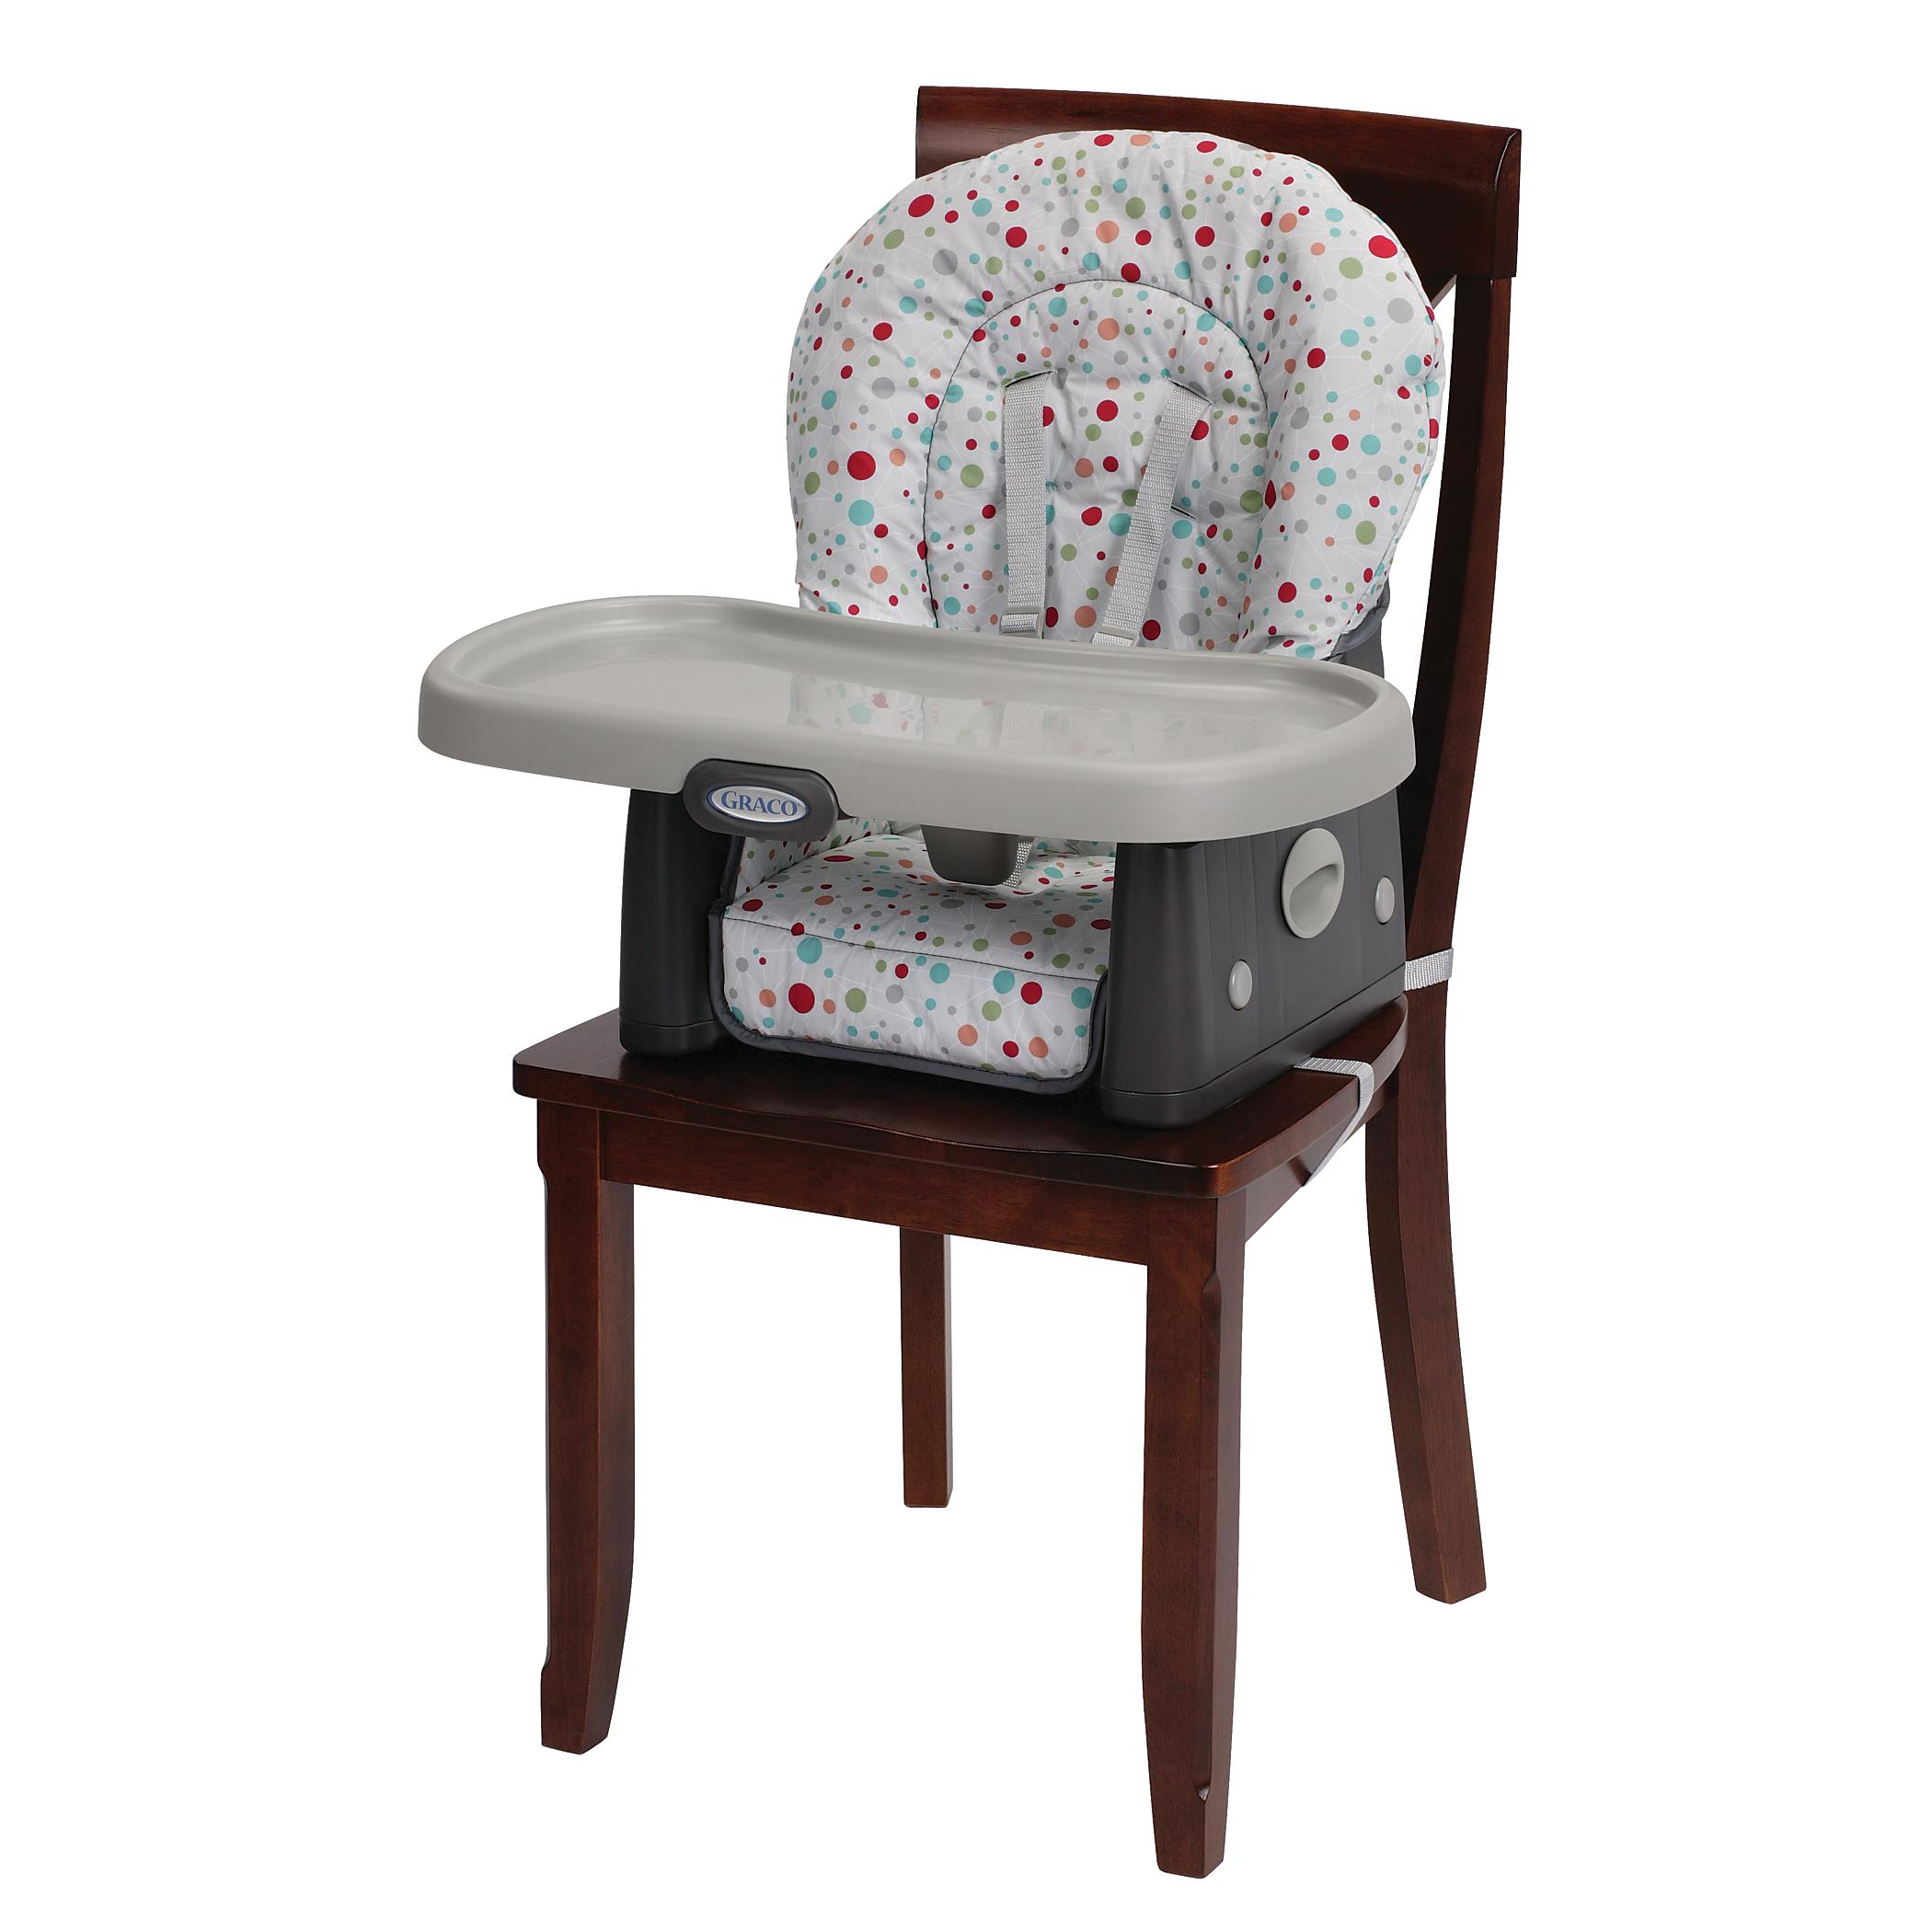 High chair as well graco high chair recall on graco high chair